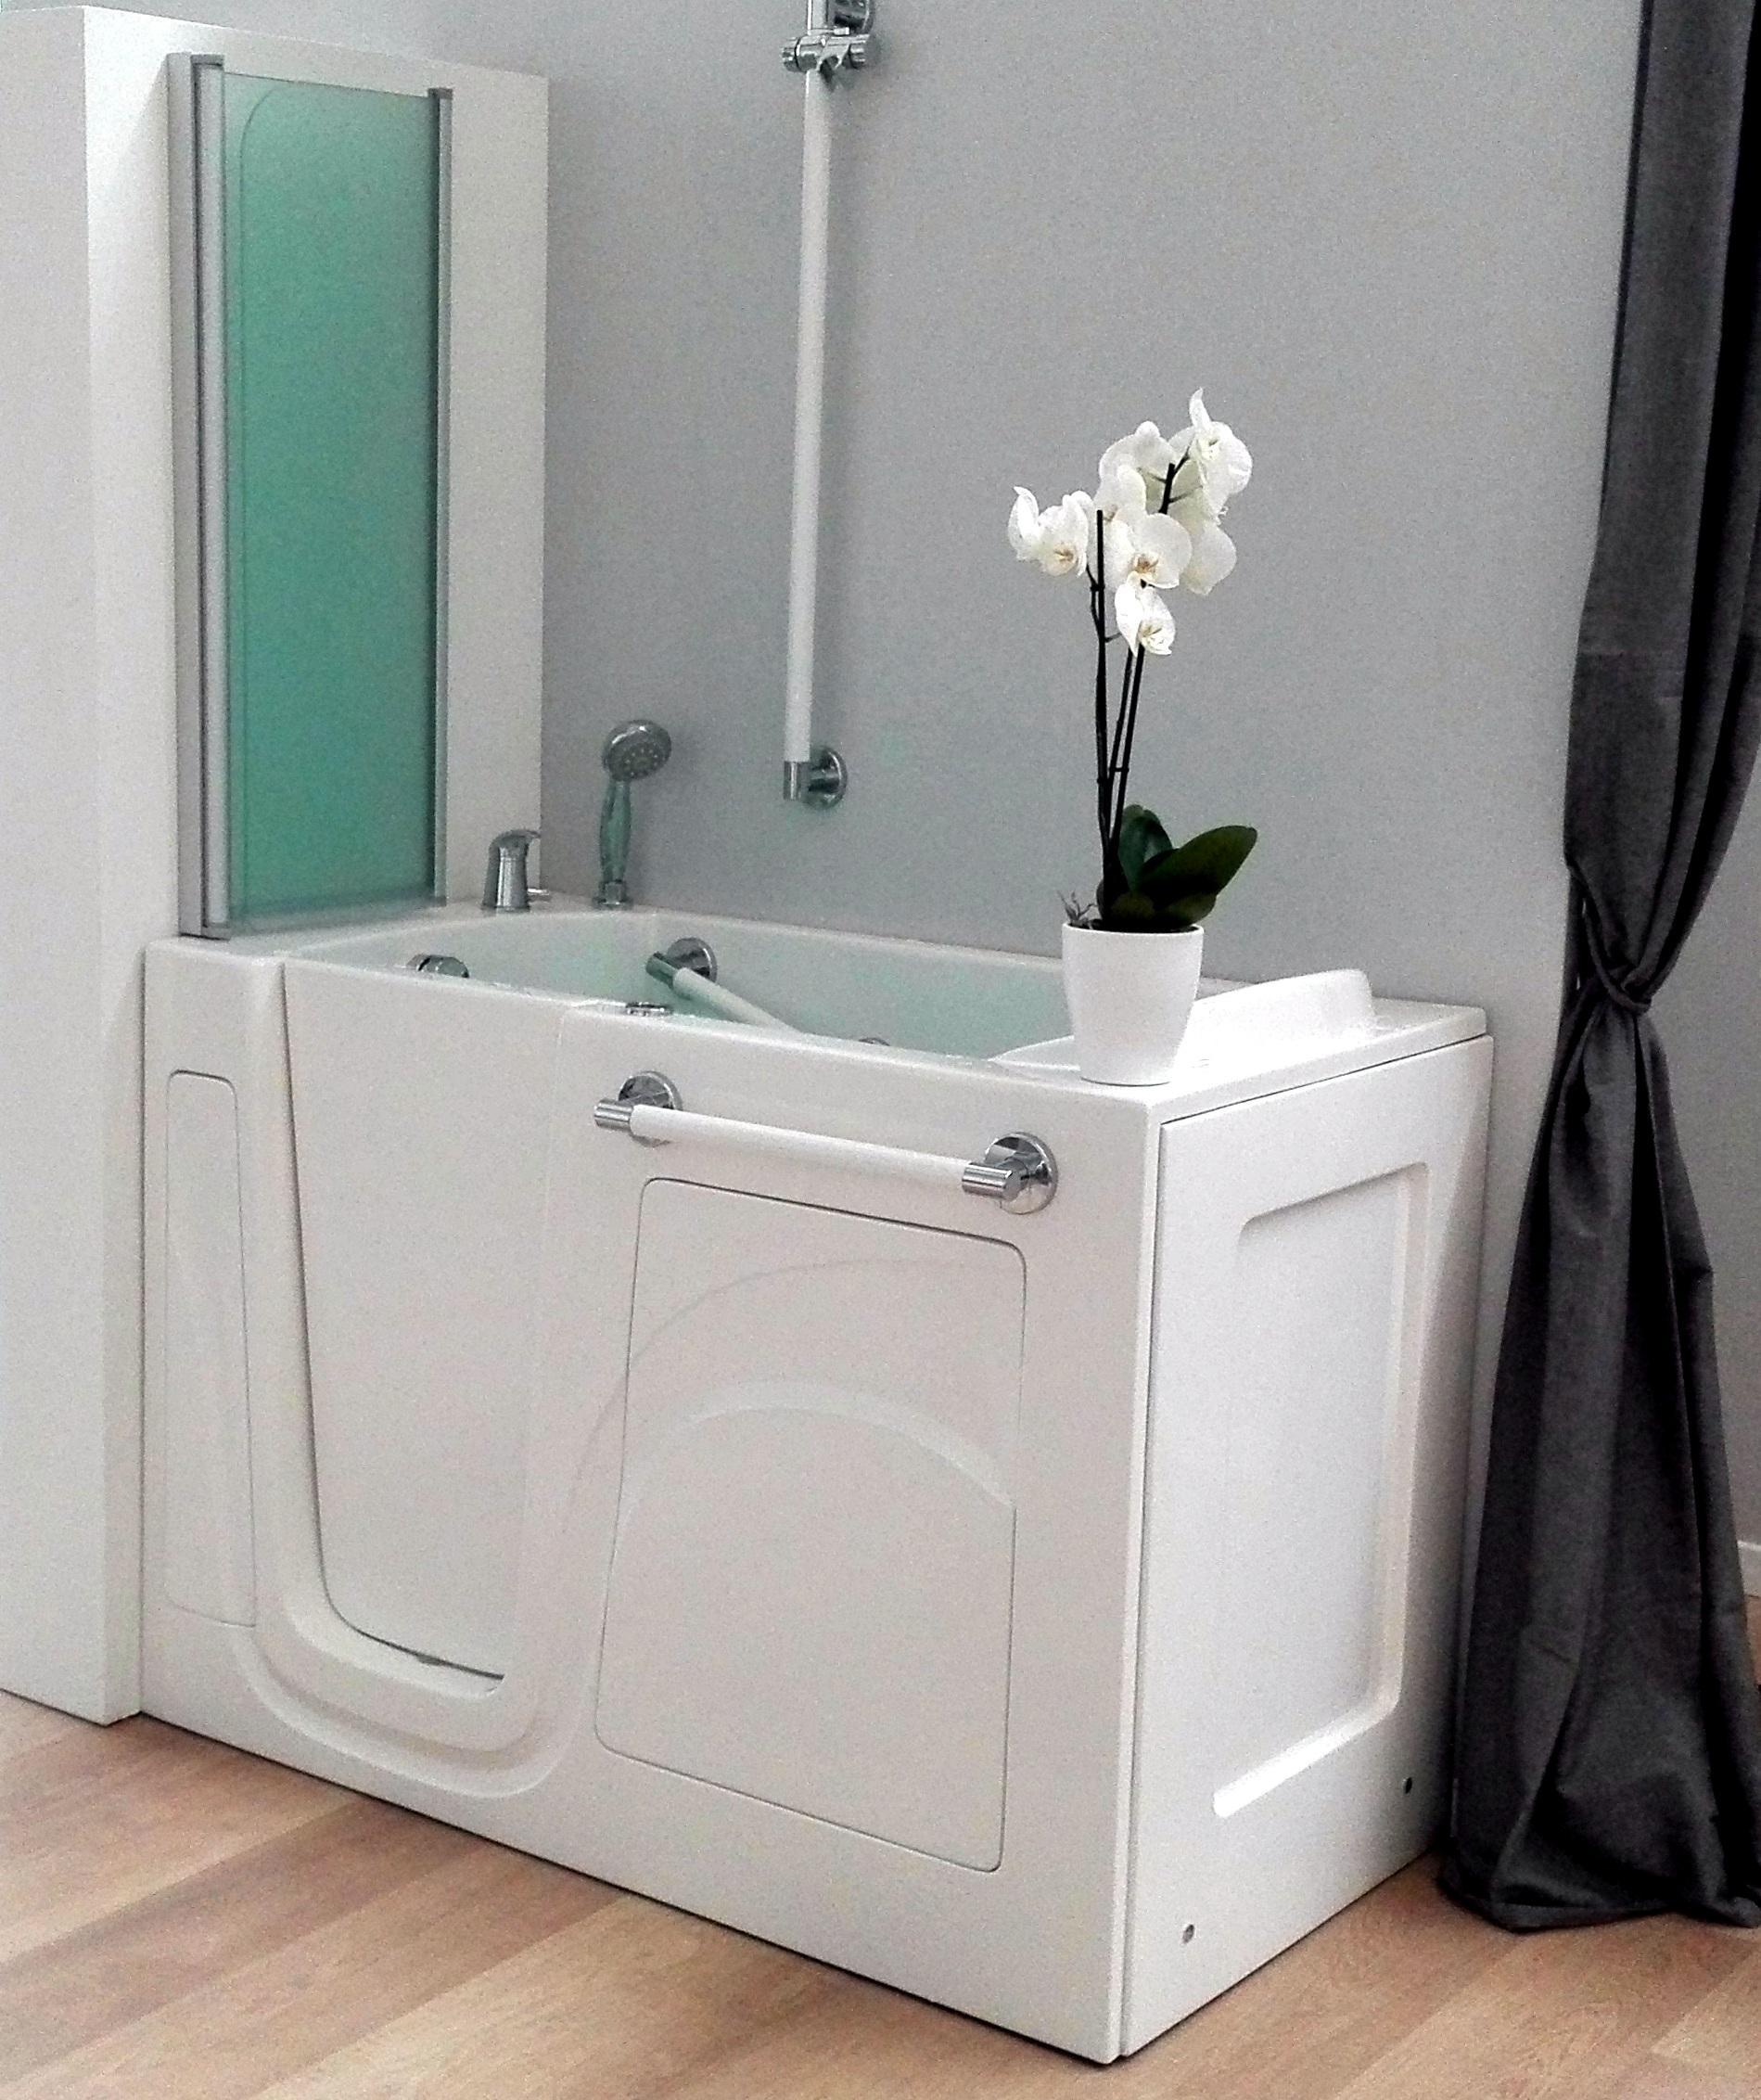 Docce per anziani e disabili sostituzione vasca in doccia for Accessori bagno disabili